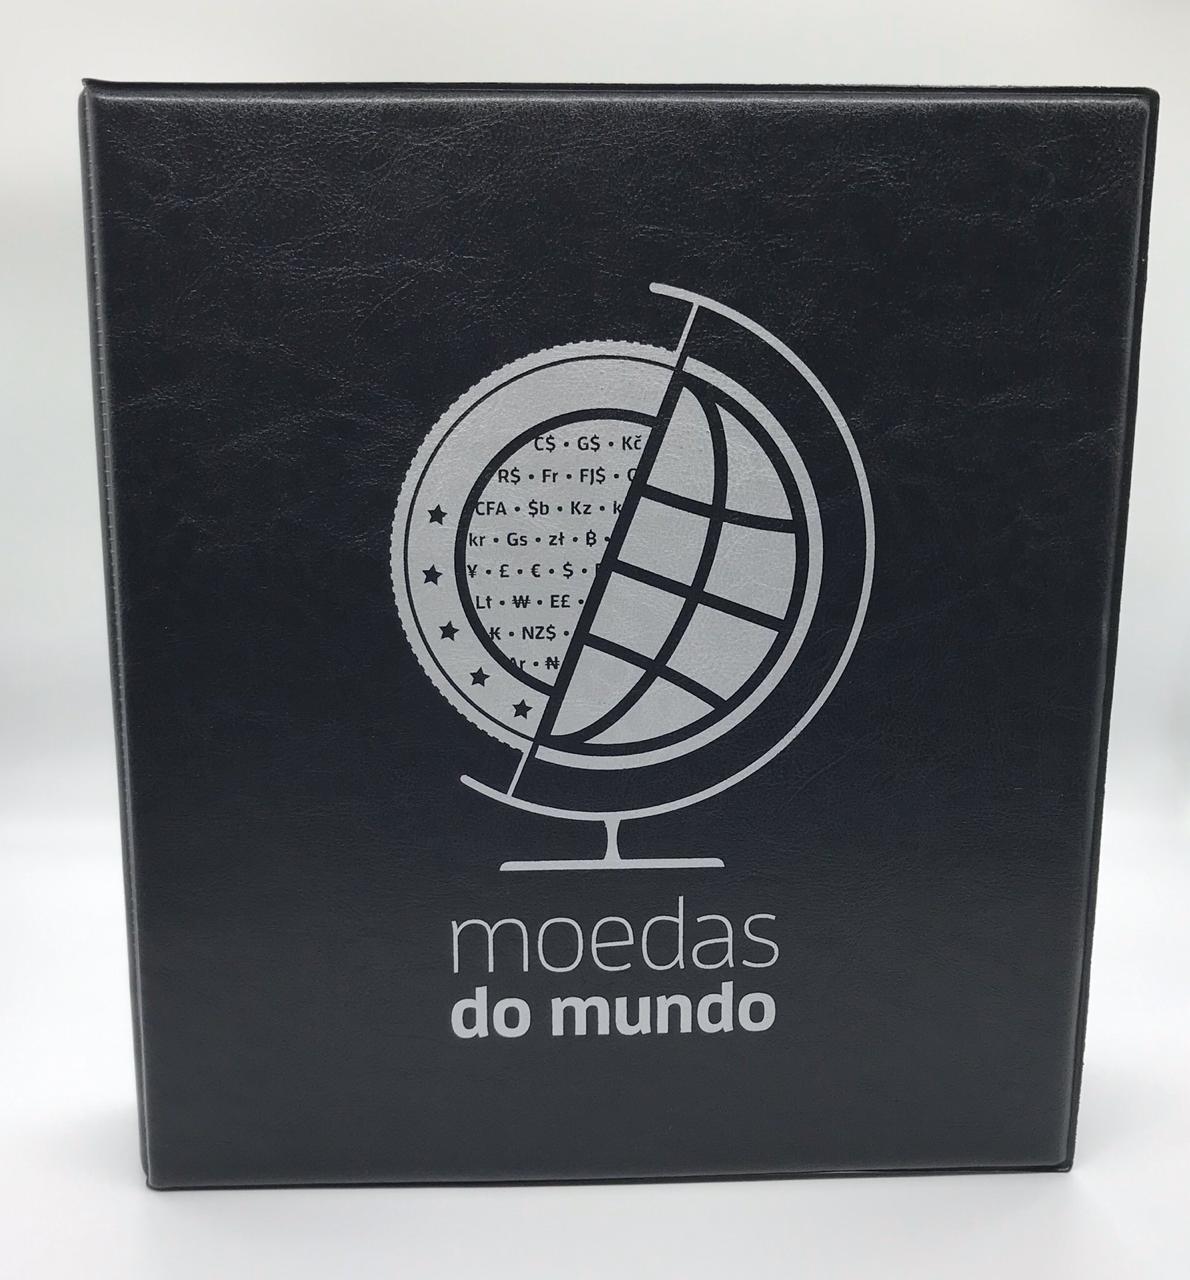 Álbum tipo Fichário Moedas do Mundo